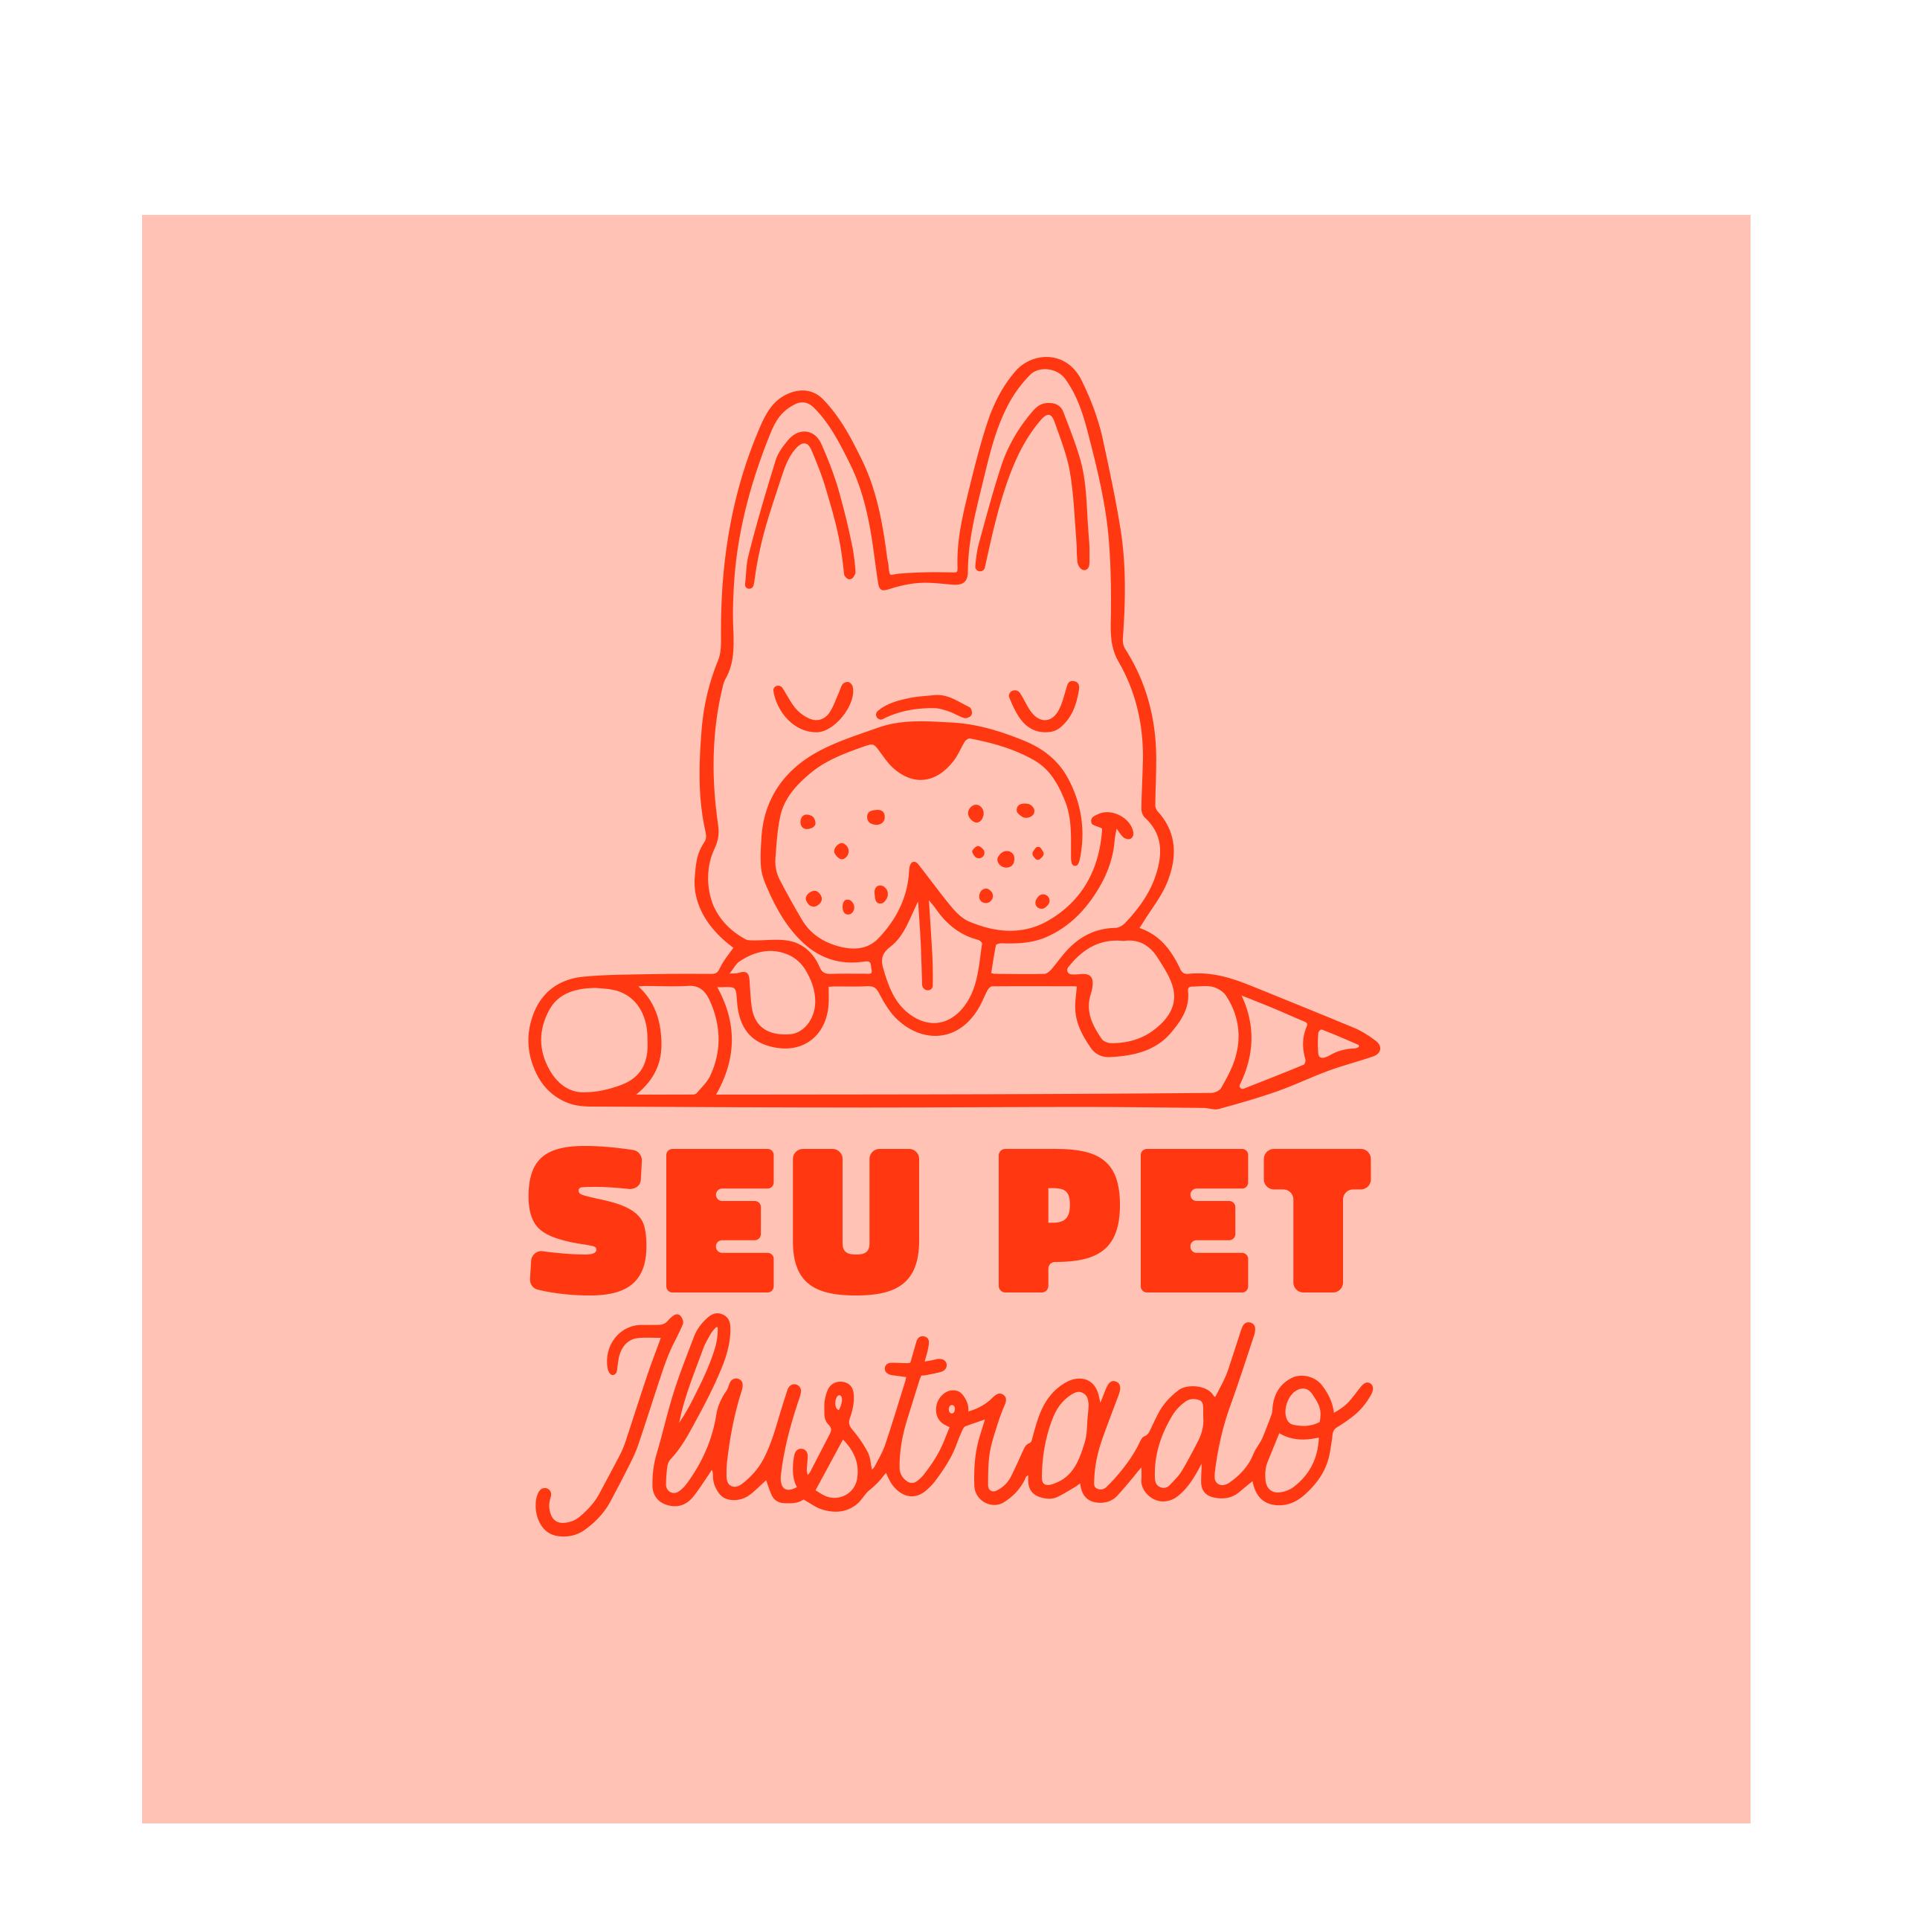 Seu Pet Ilustrado